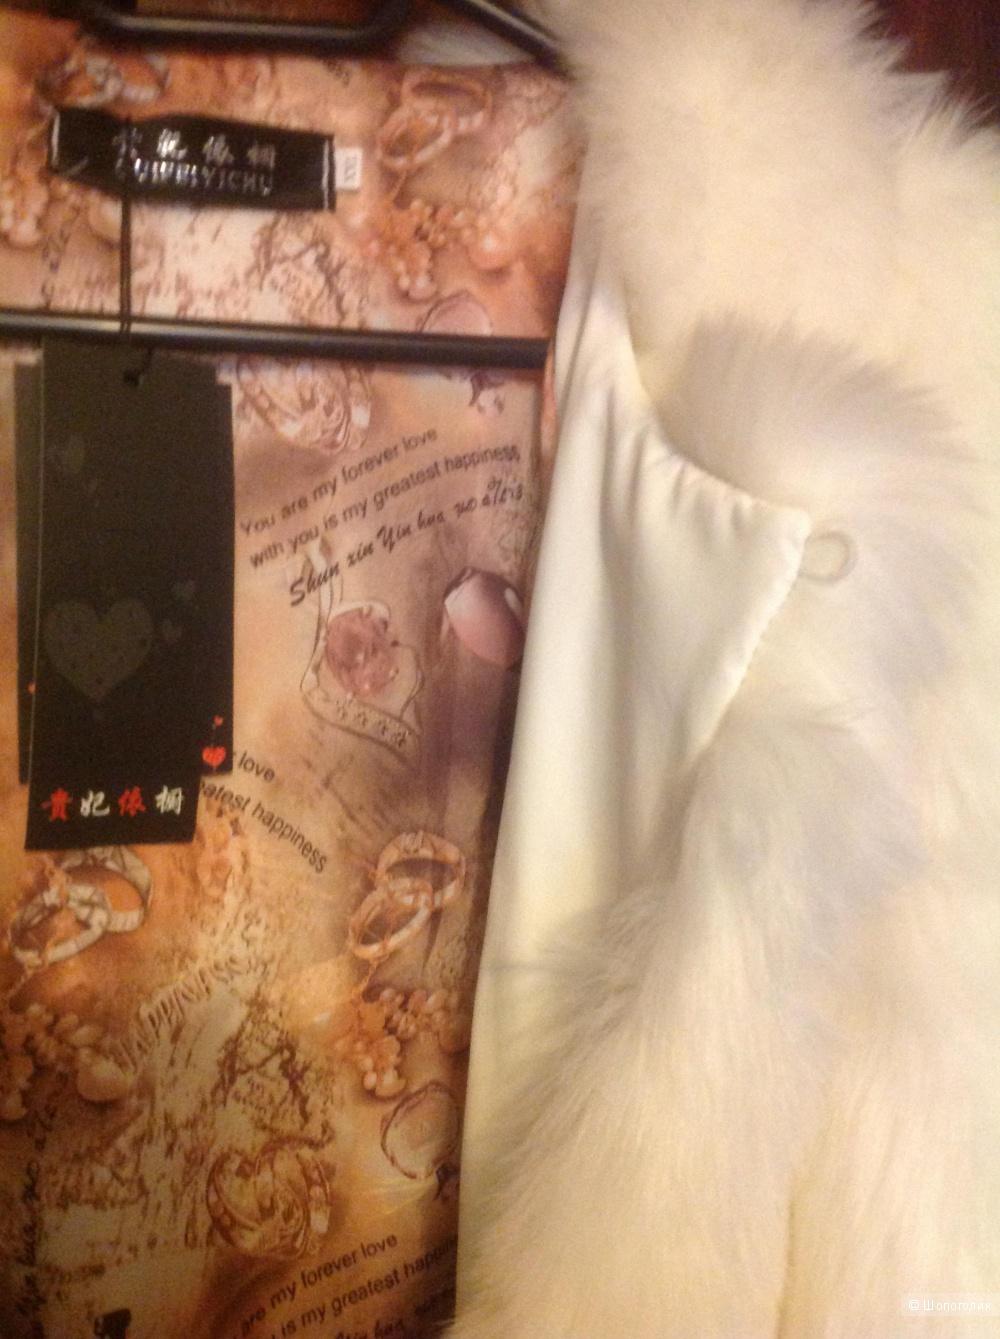 Шуба, из искусственного качественного волокна с красивой дорогой подкладкой. Размер 46 российский